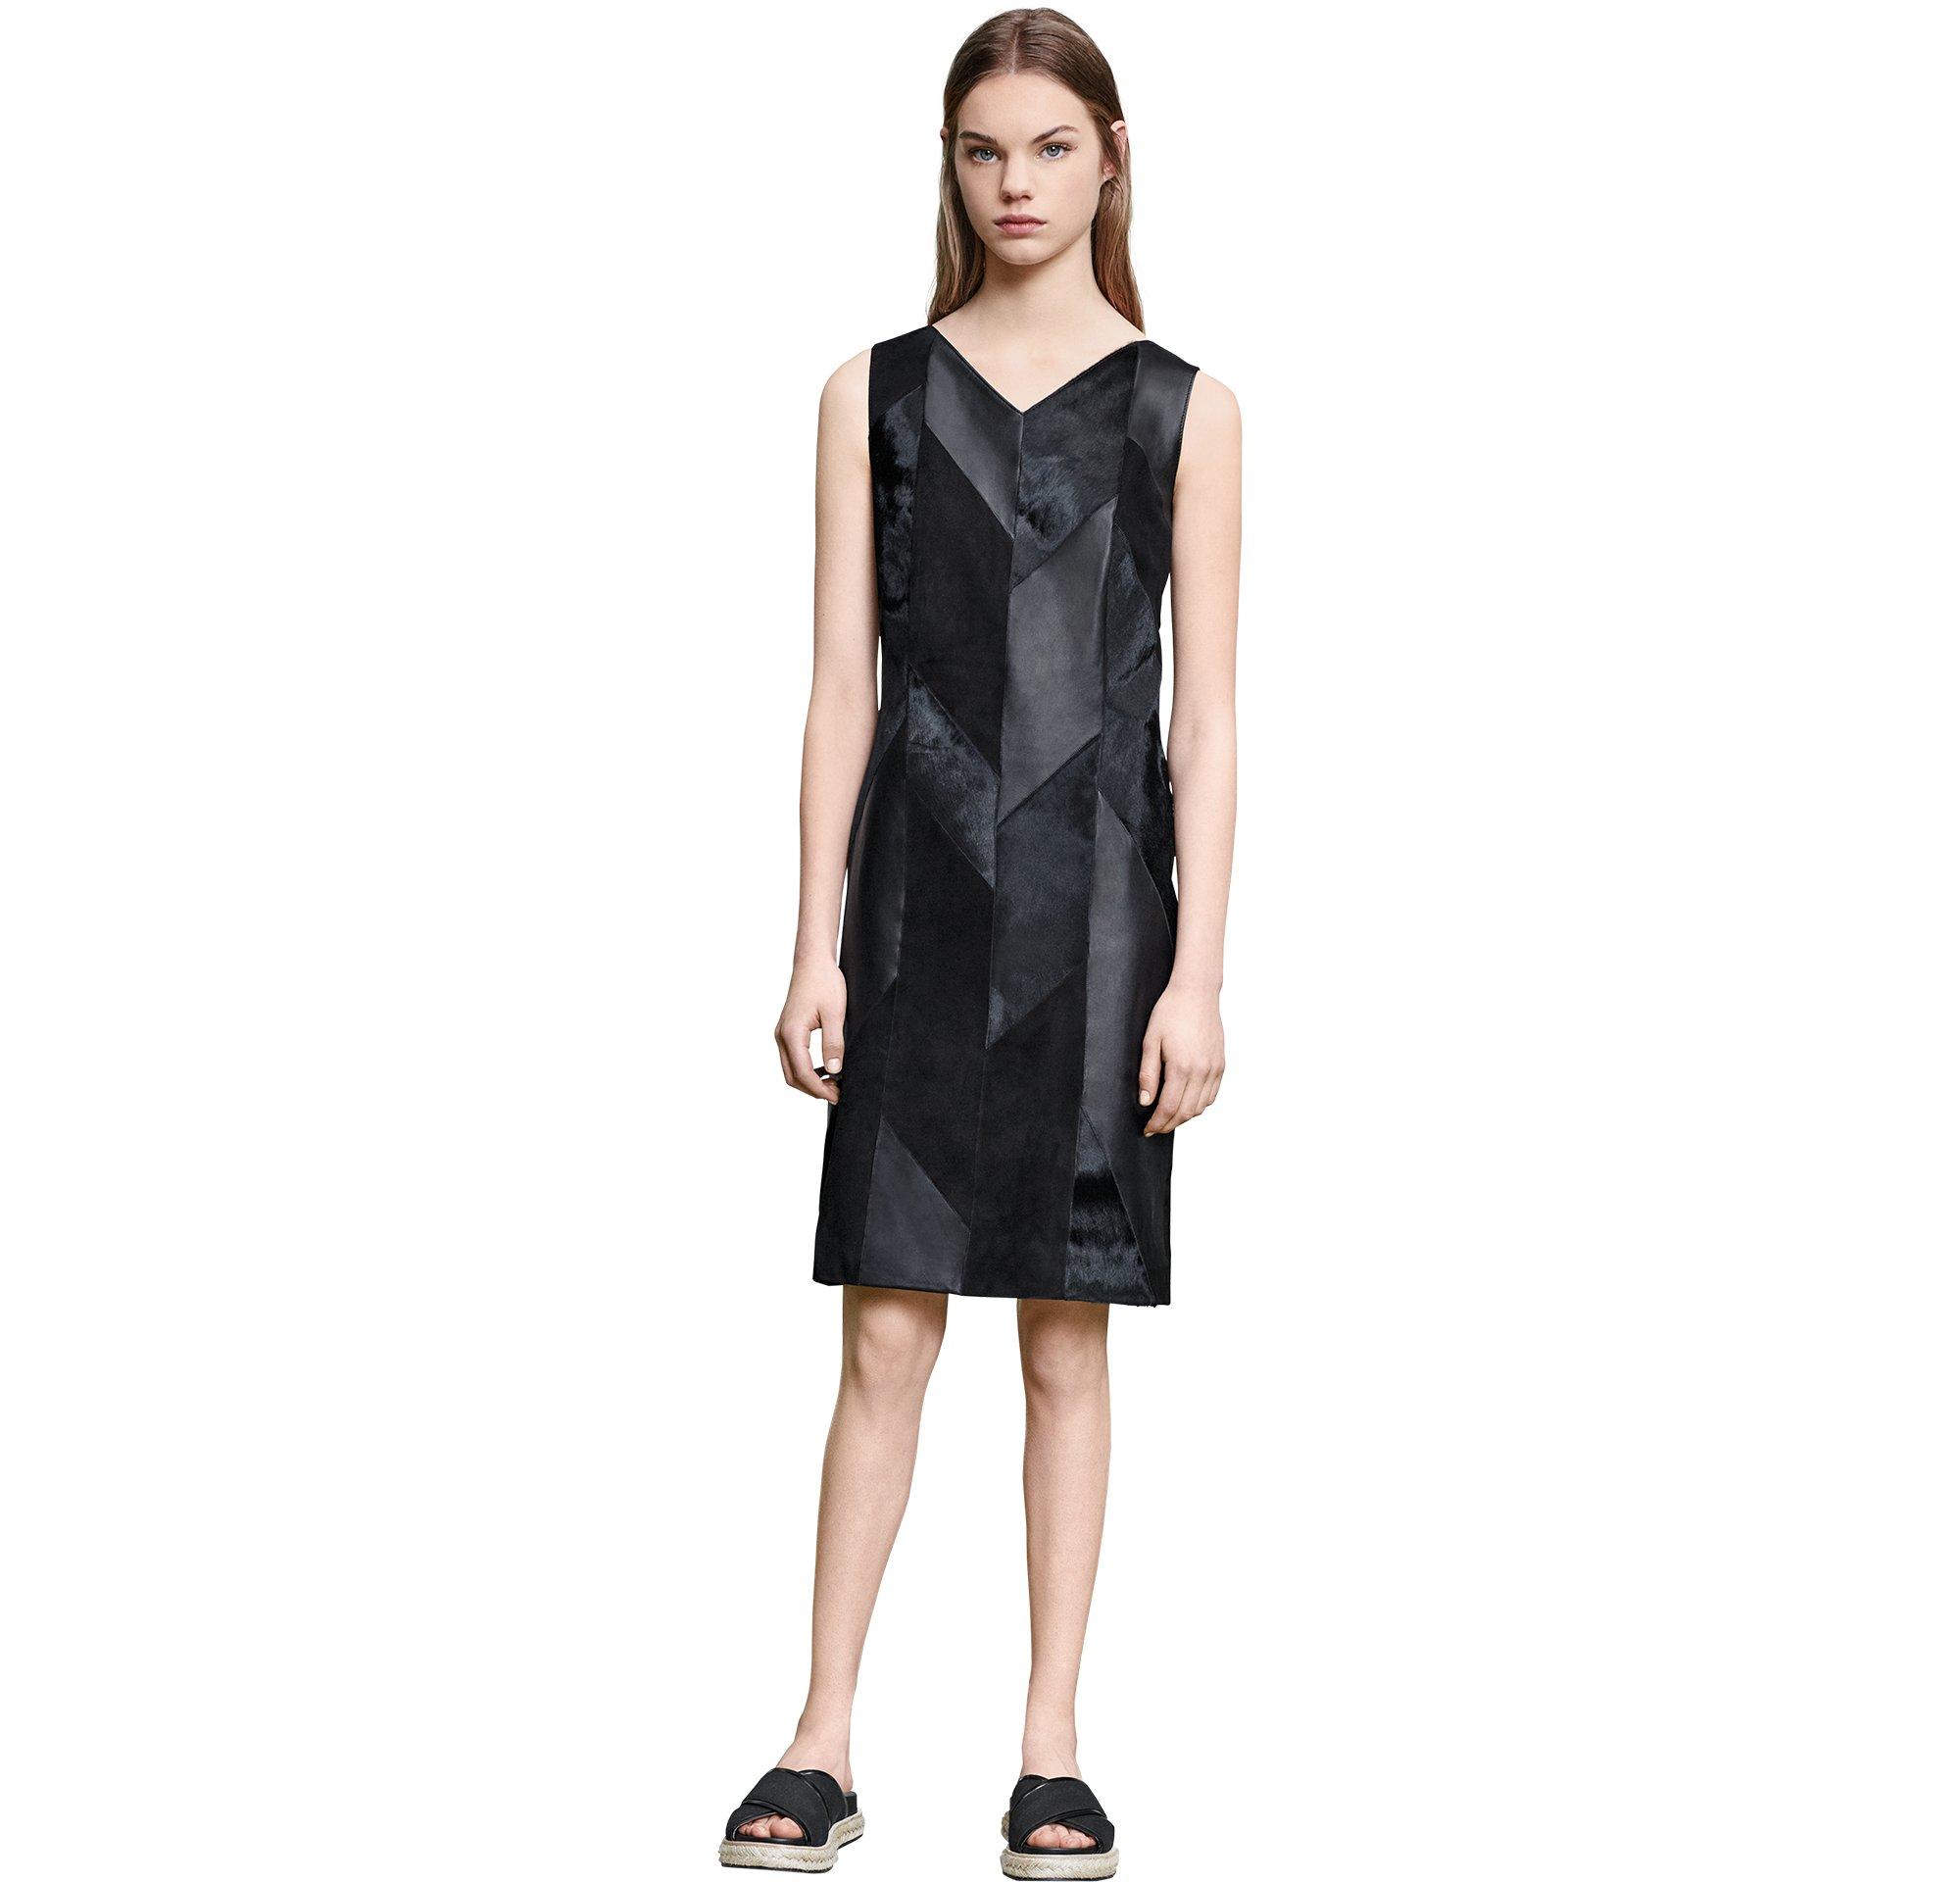 Lederkleid, Tasche und Schuhe von BOSS Womenswear